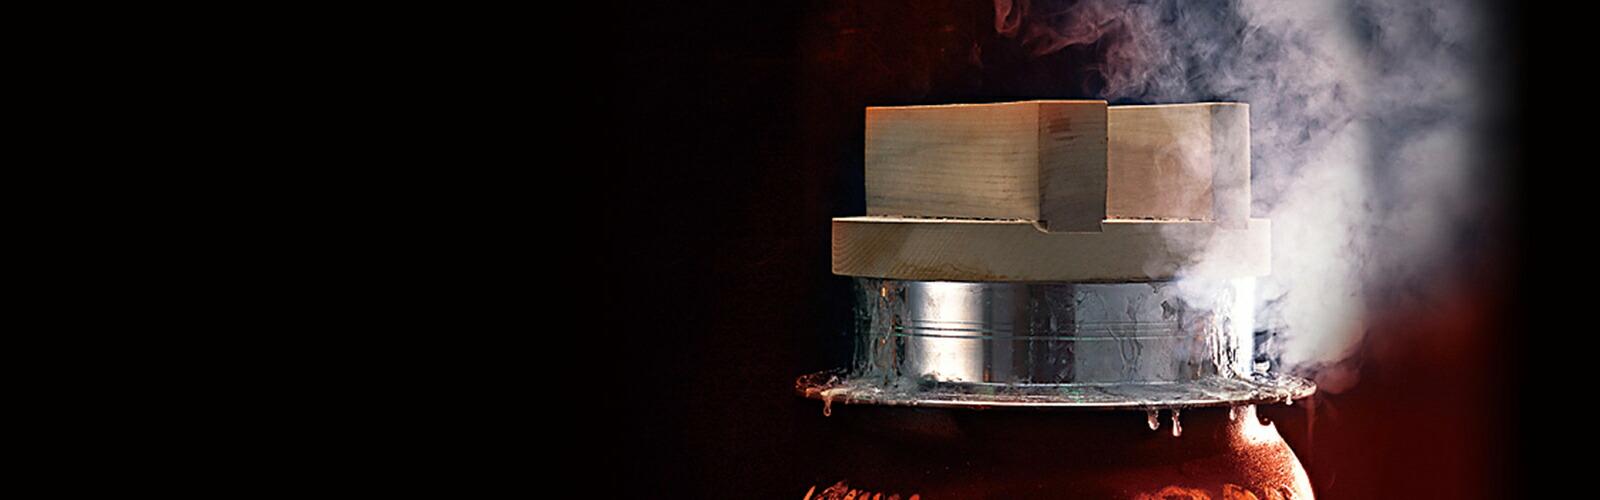 三菱電機 IHジャー炊飯器 備長炭 炭炊釜 1升炊き NJ-VE188-W おいしさ引き出す連続沸騰。